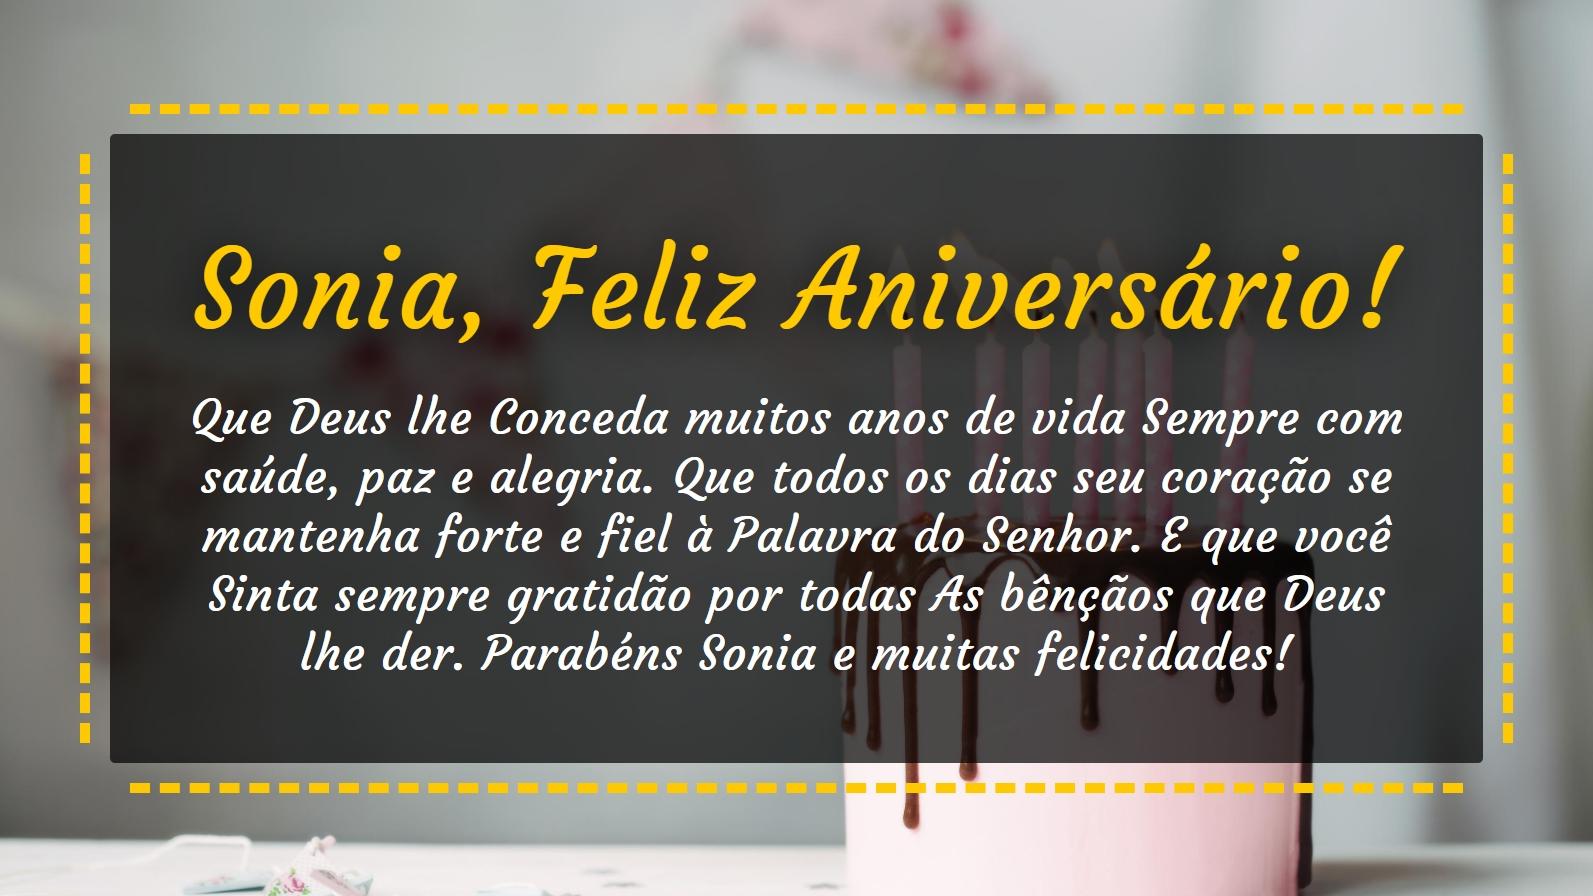 <p>Sonia, Feliz Aniversário! Que Deus lhe Conceda muitos anos de vida Sempre com saúde, paz e alegria. Que todos os dias seu coração se mantenha forte e fiel à Palavra do Senhor. E que você Sinta sempre gratidão por todas As bênçãos que Deus lhe der. Parabéns Sonia e muitas felicidades!</p>